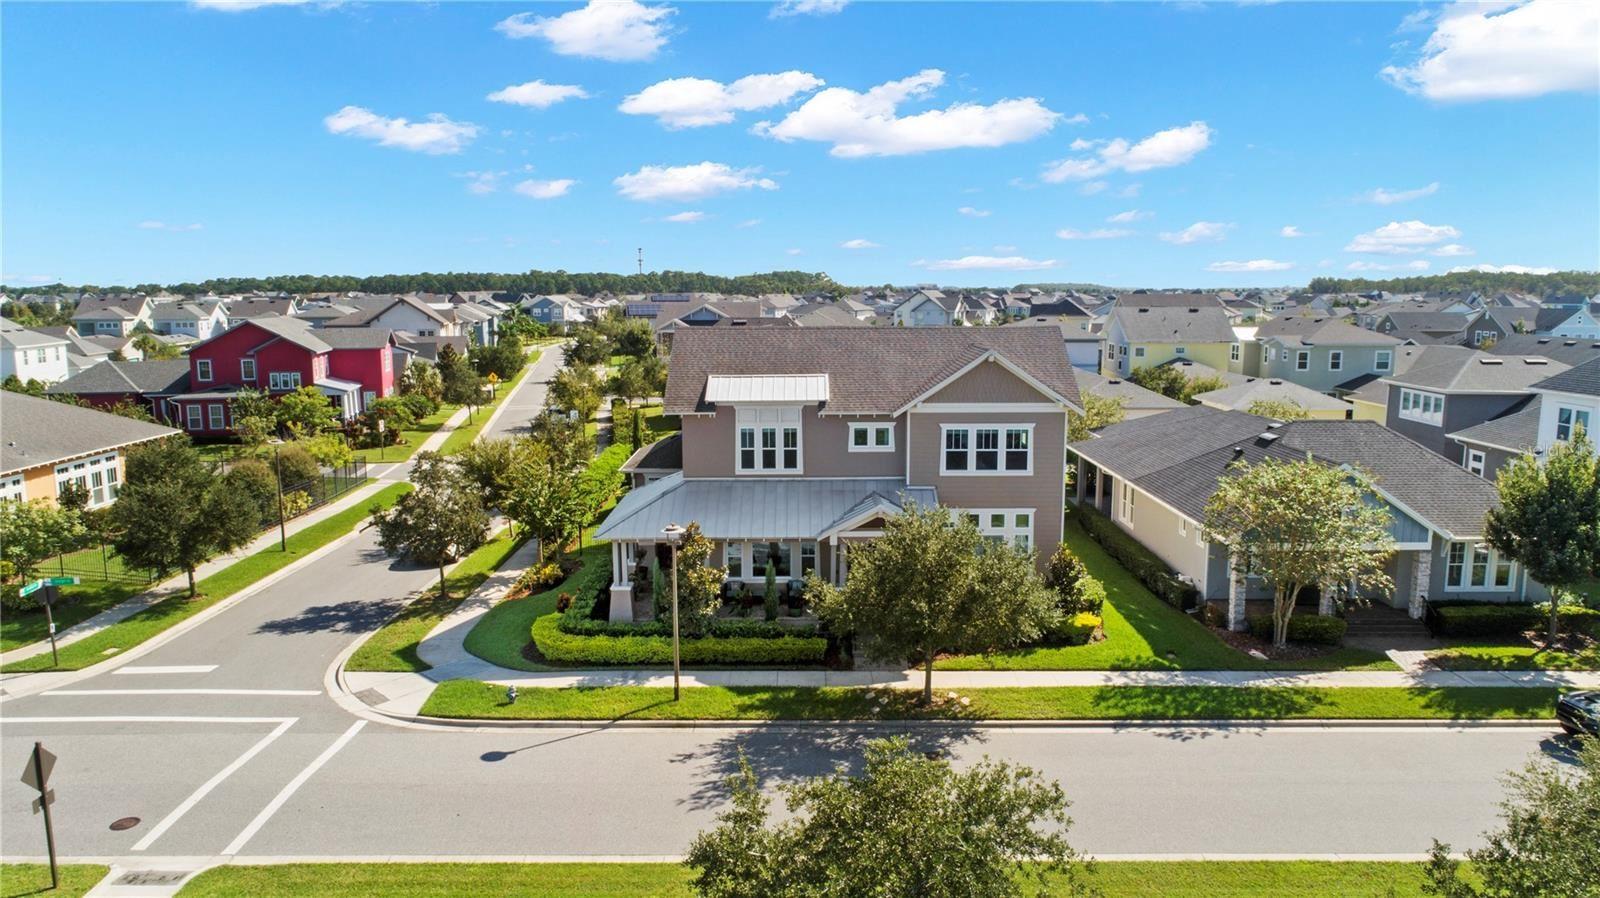 Photo of 13661 GRANGER AVENUE, ORLANDO, FL 32827 (MLS # O5974651)